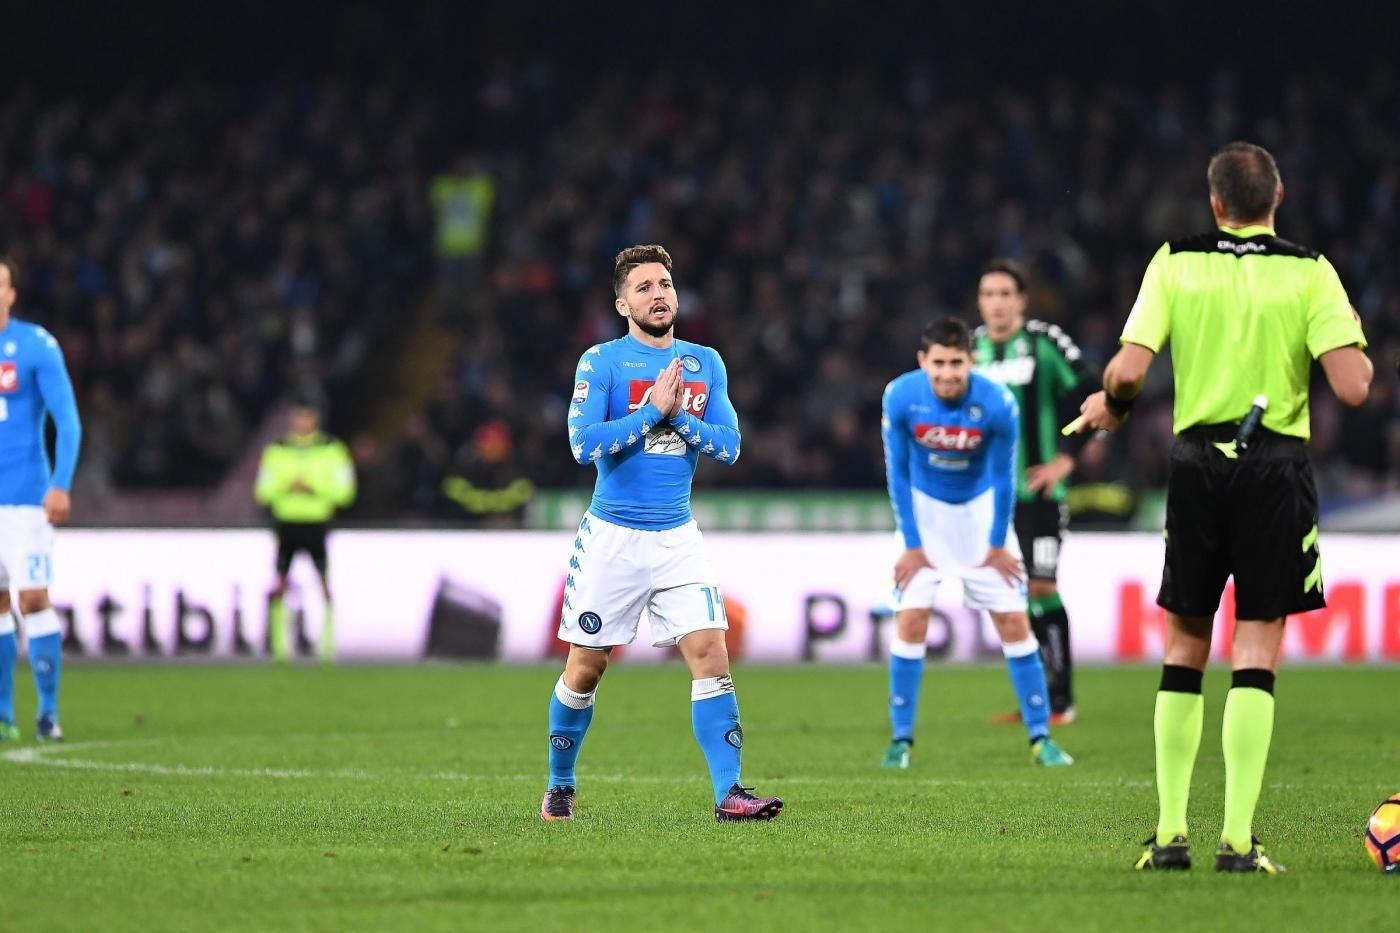 Il Napoli non approfitta del ko della Juventus